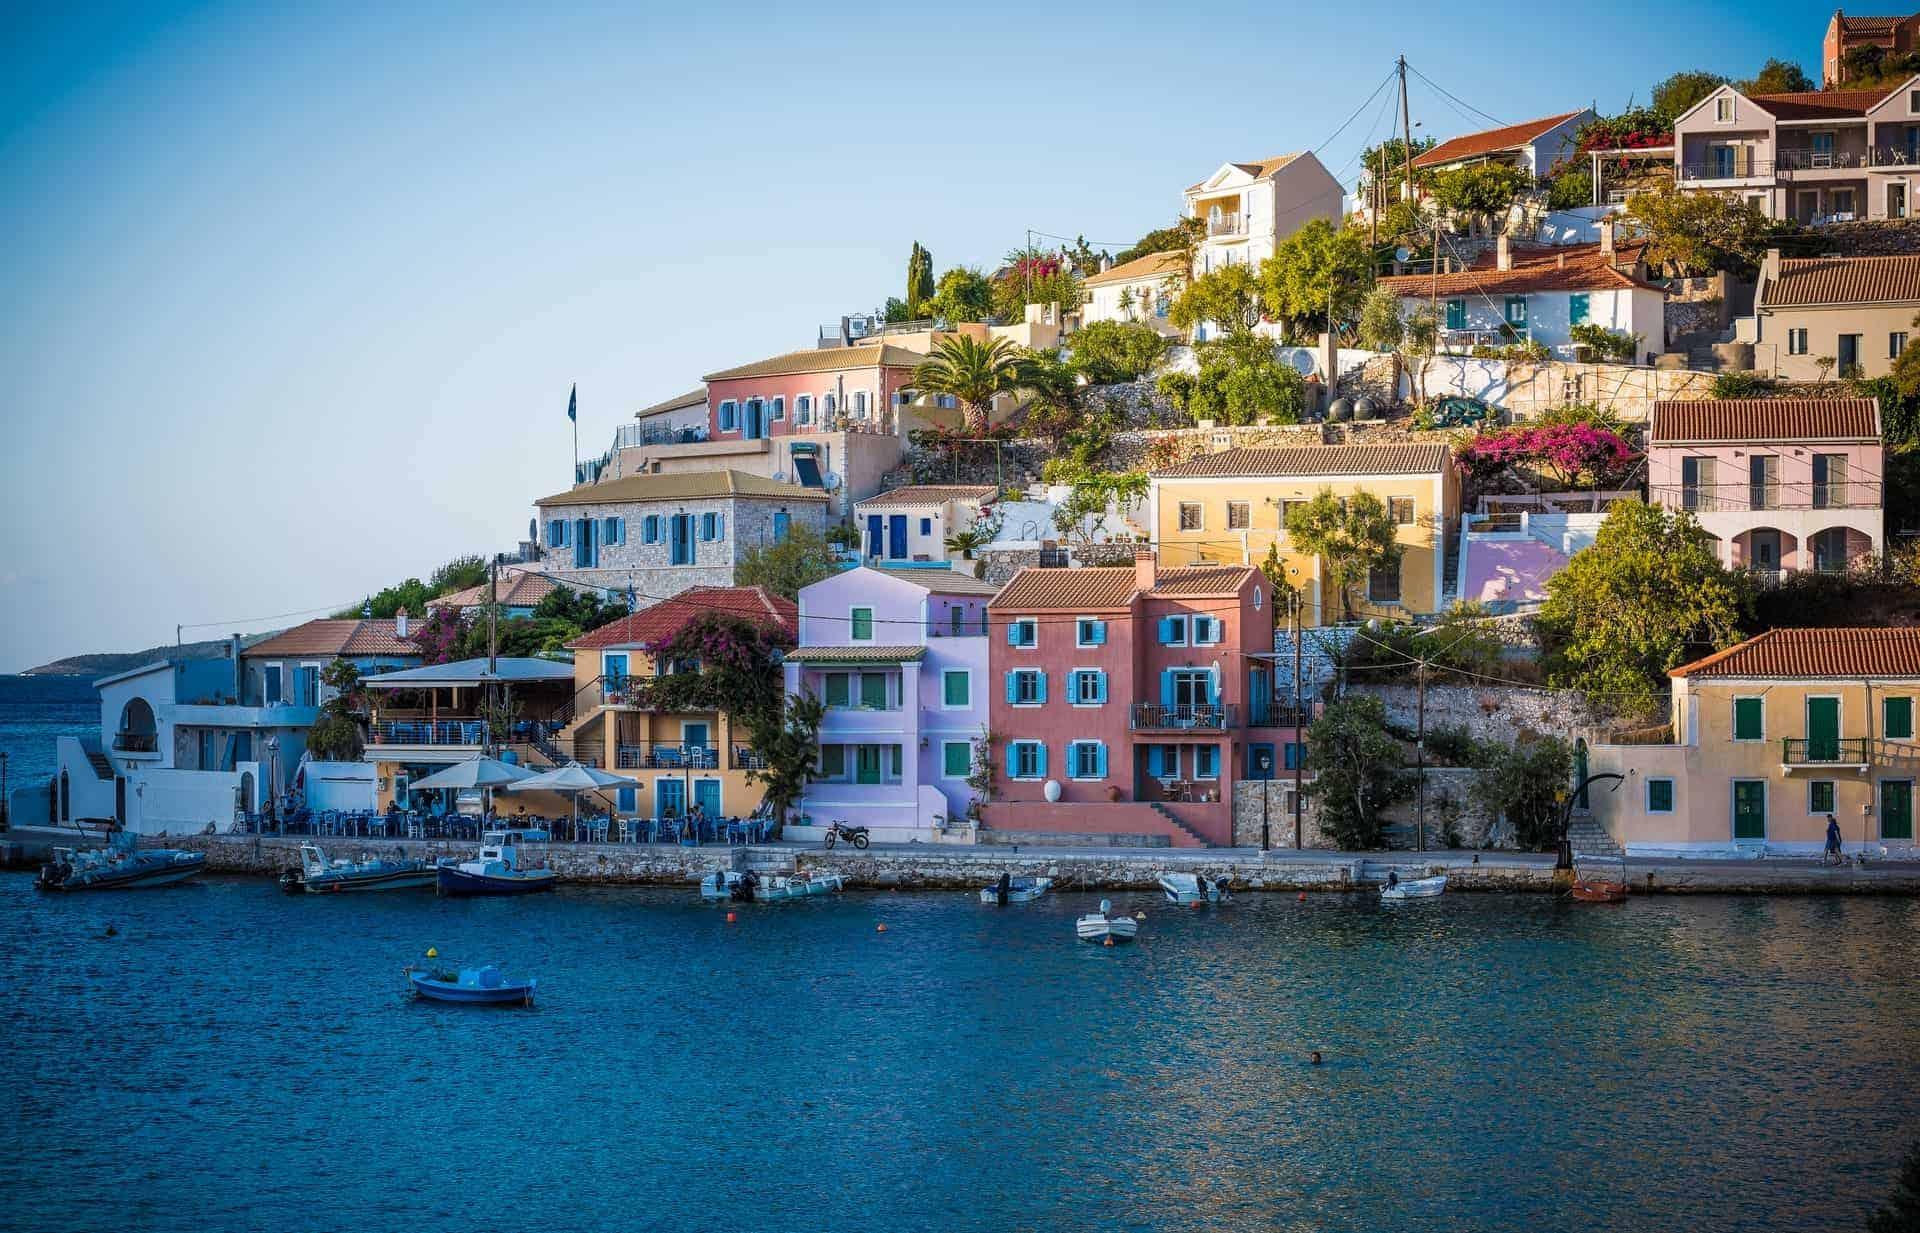 Grecia se prepara para recibir turistas vacunados contra el COVID-19 a partir del mes de Mayo